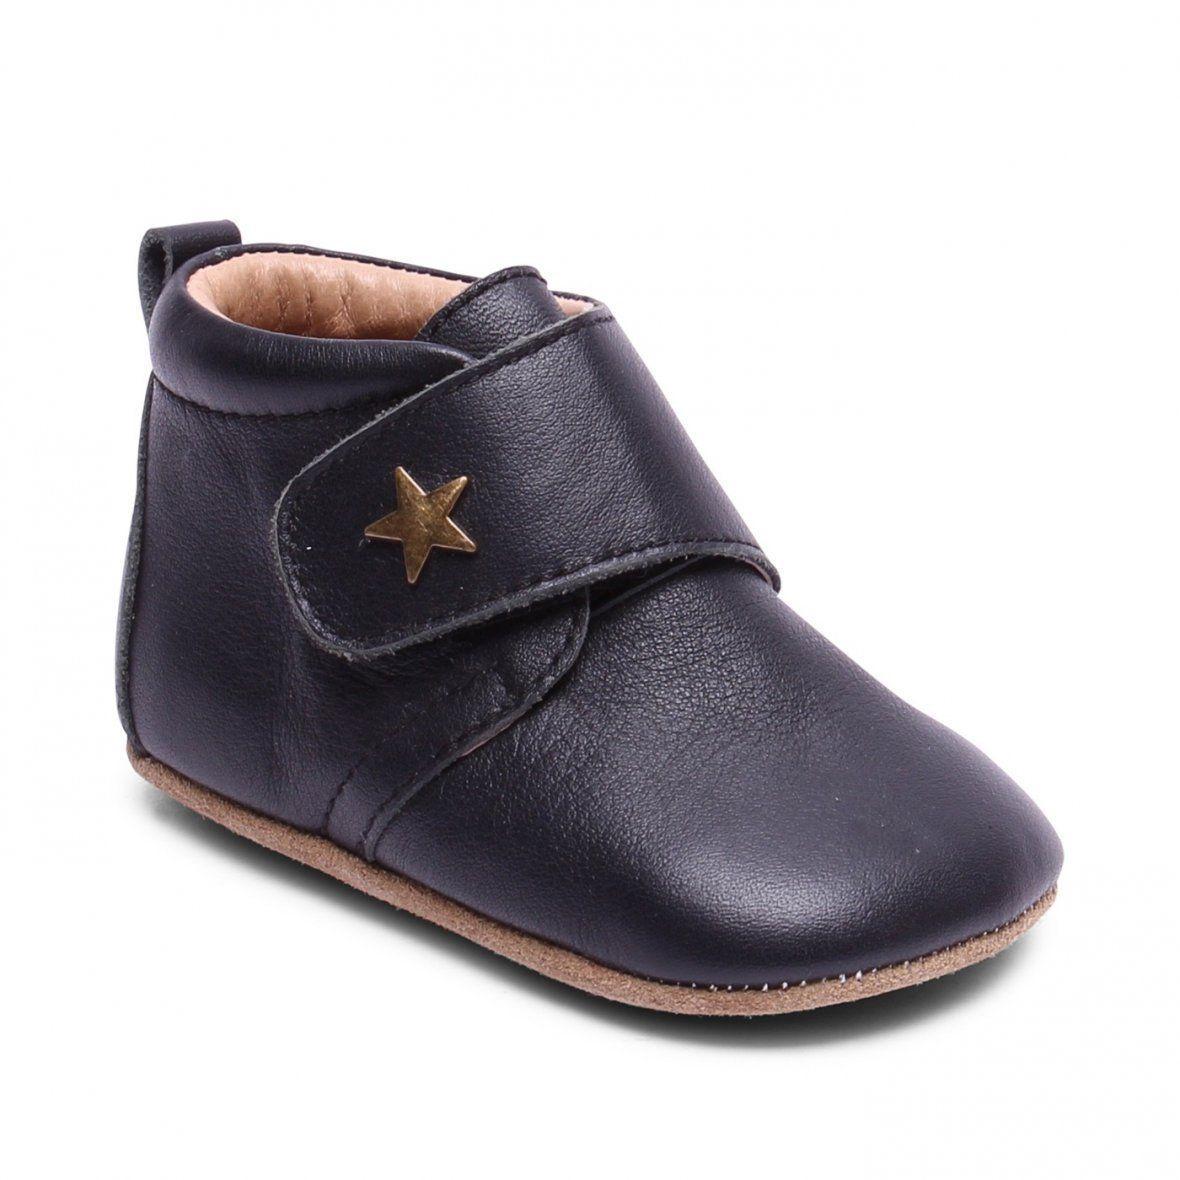 1be50255464 Bisgaard - Sort - Hjemmesko m. stjerne - 23 - Loafers